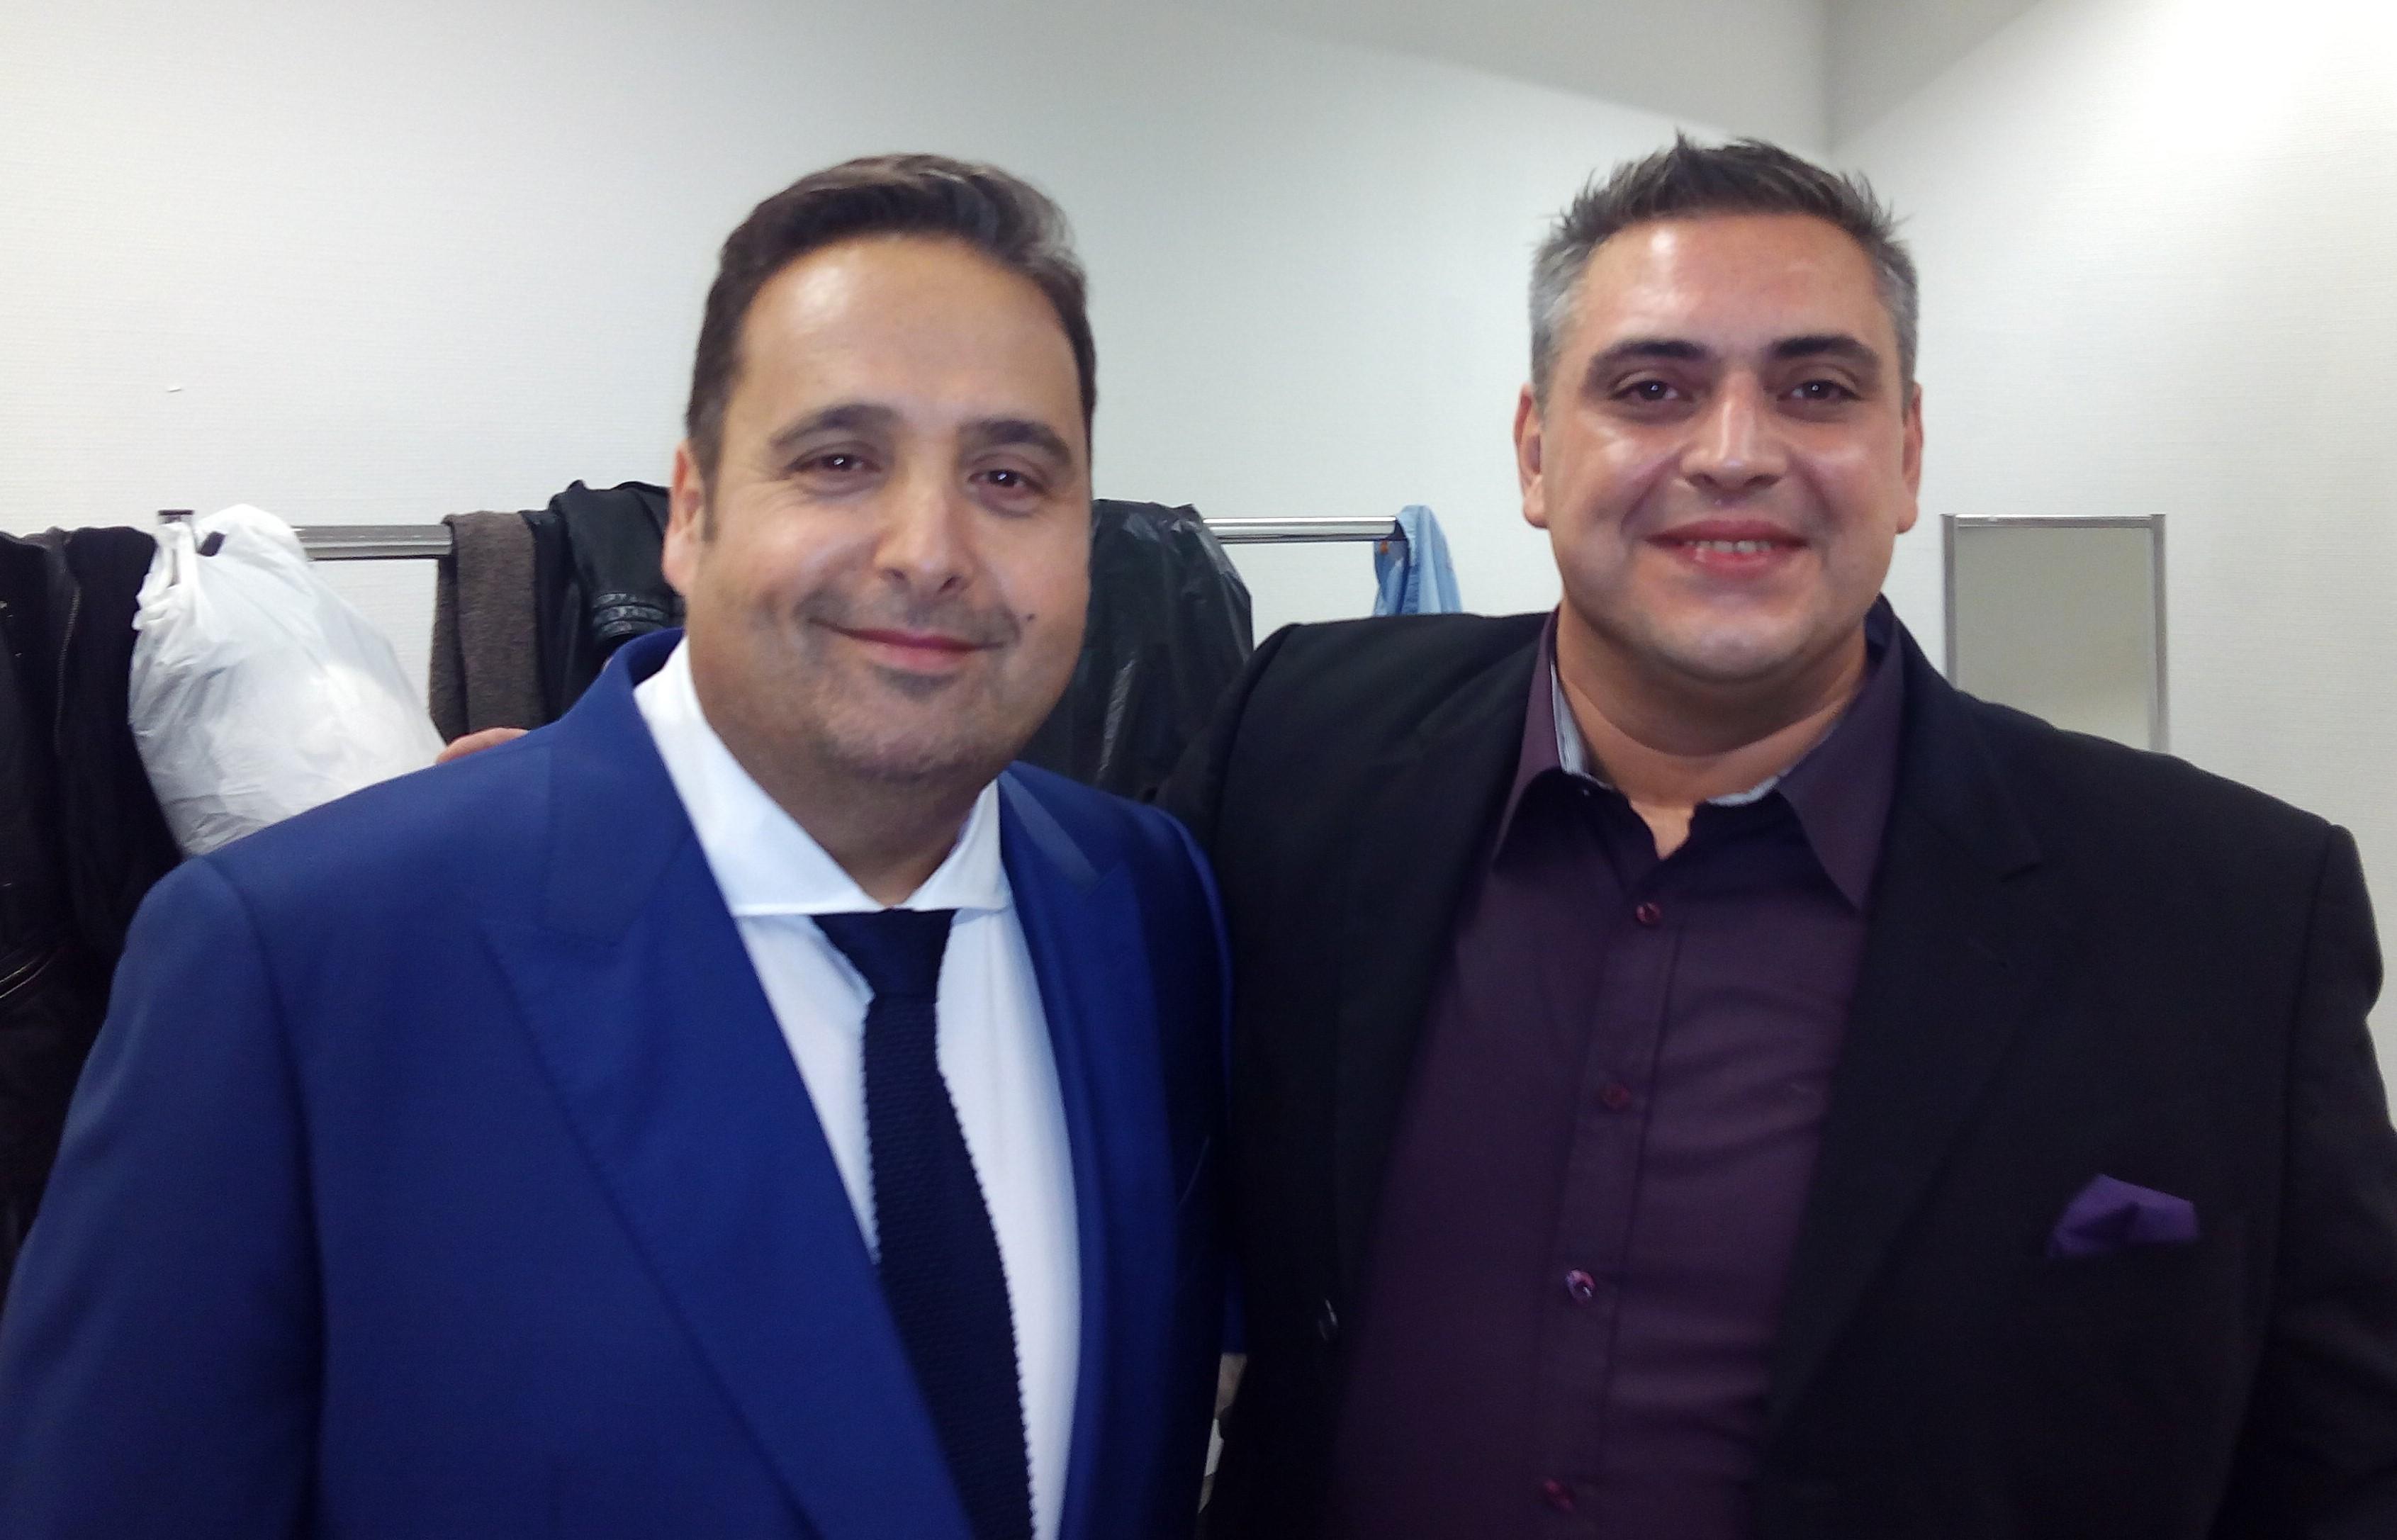 Alfonso und Giuseppe - Herzlichen Glückwunsch zu den fantatischen Ergebnissen!